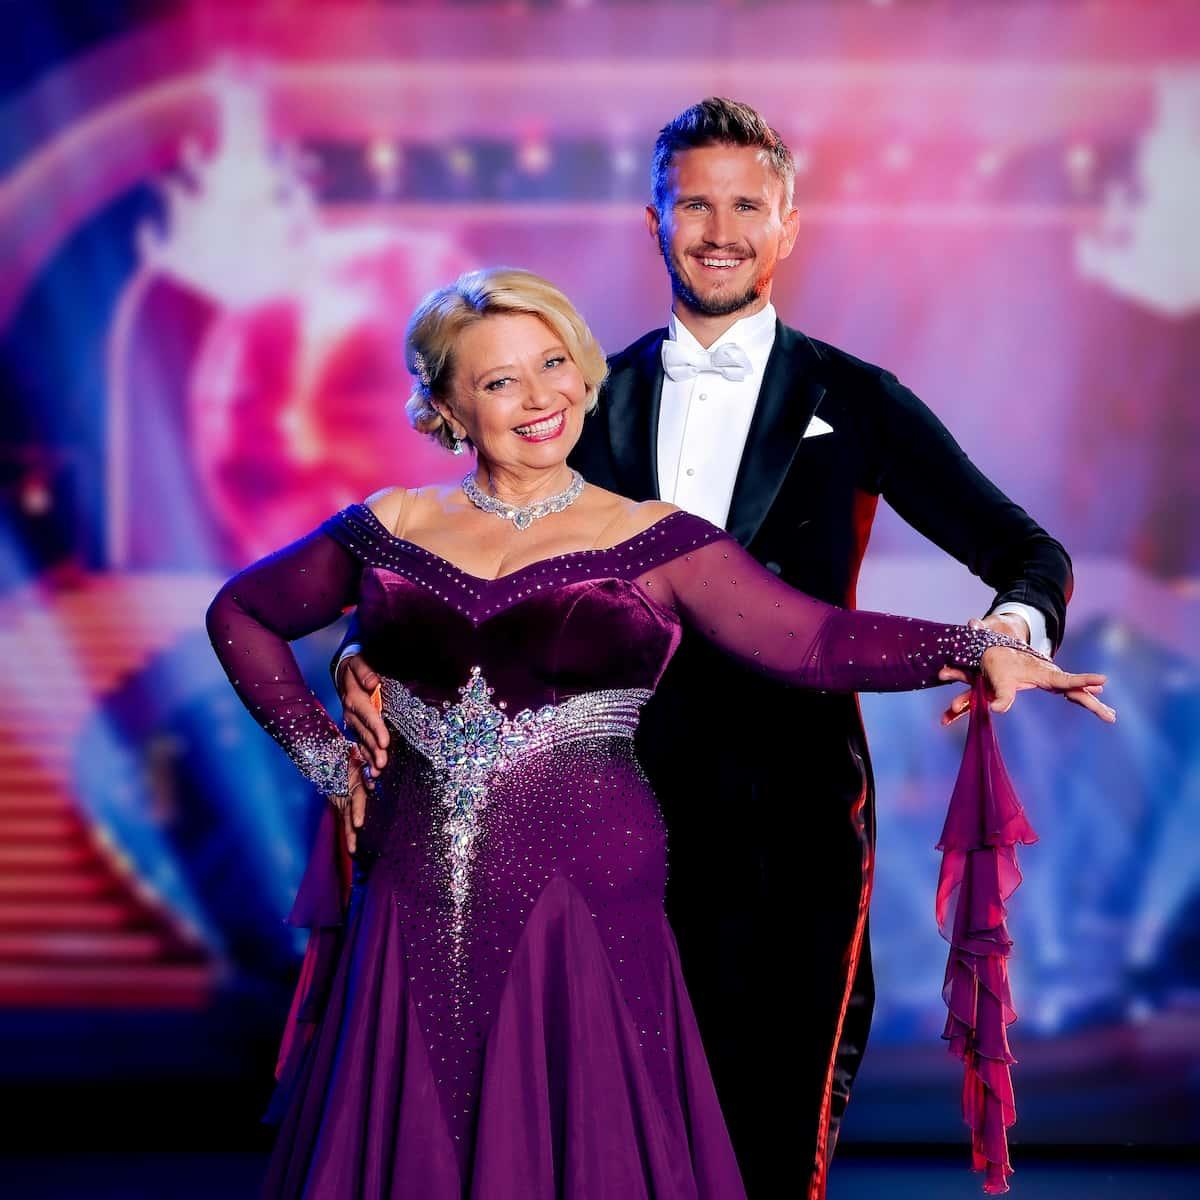 Margarethe Tiesel - Michael Kaufmann beim 1. Tanz der Dancing Stars am 24.9.2021